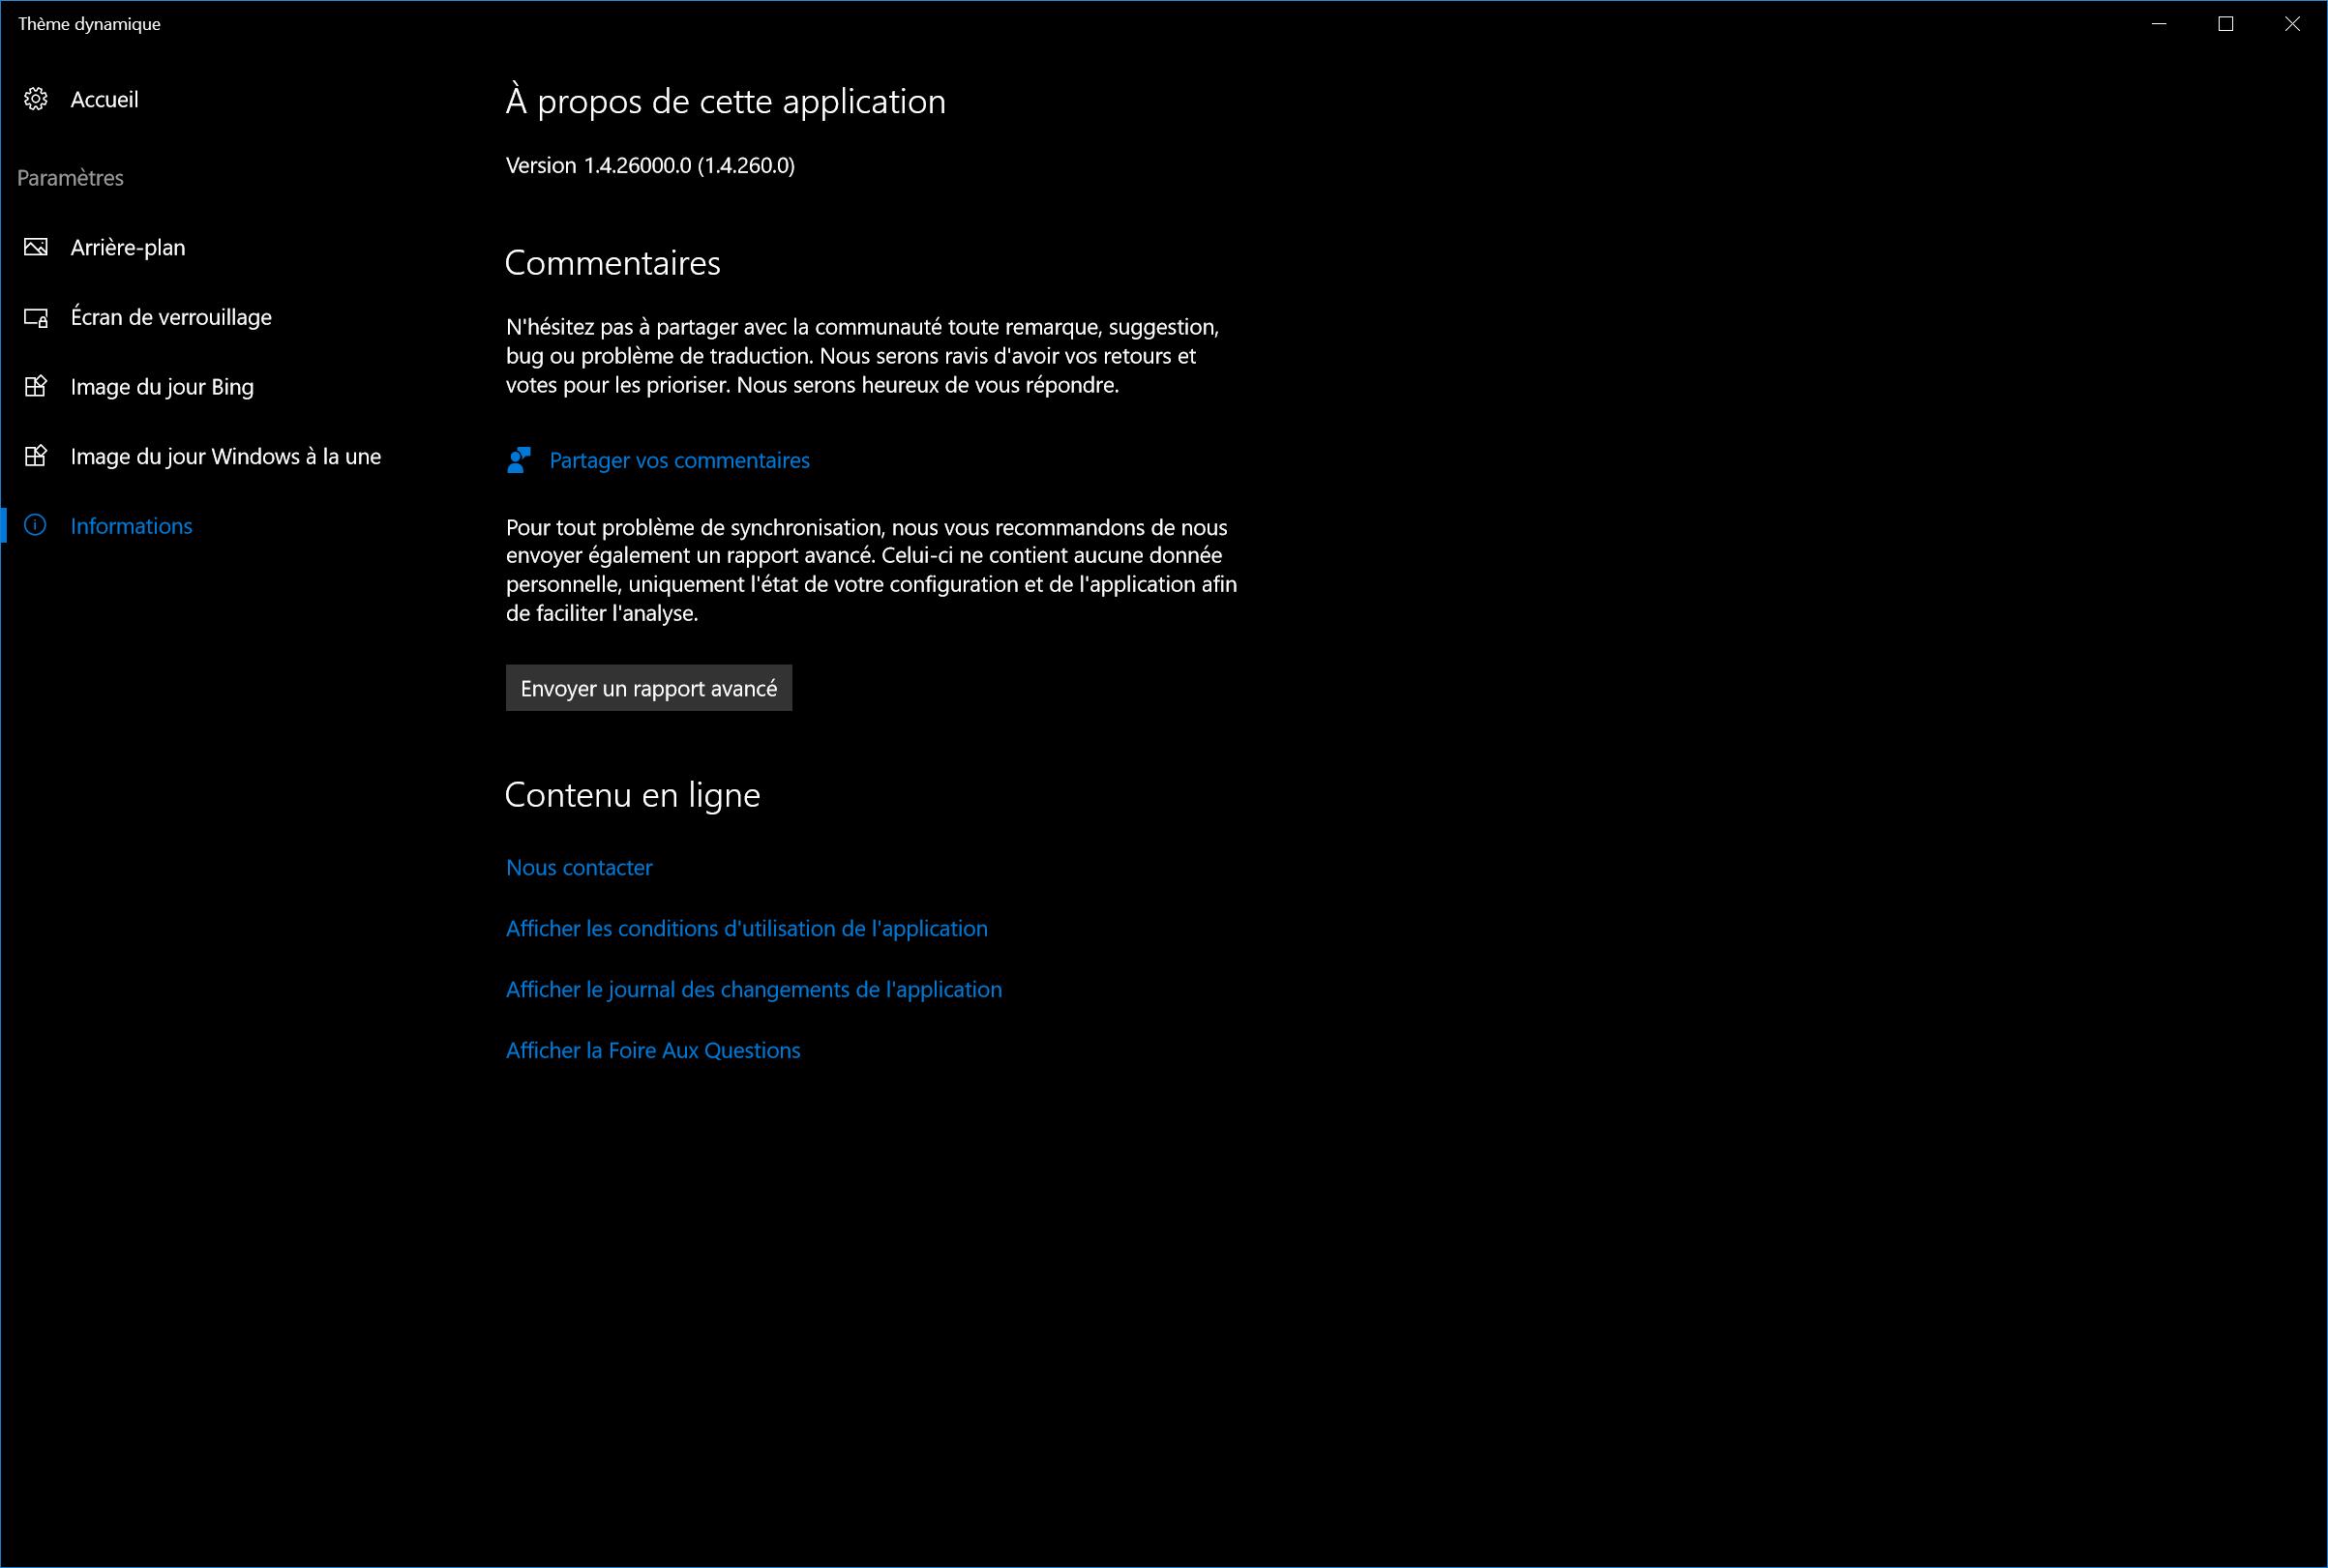 b07c4ea681 Thème dynamique Preview   build 1.3.26000 disponible ! - Pinnula